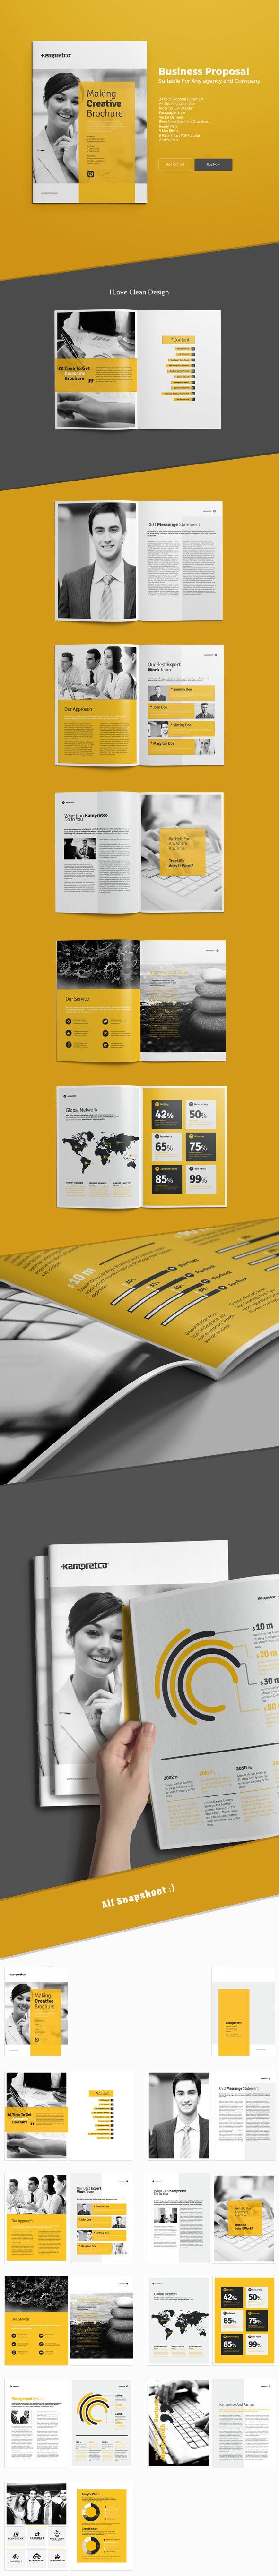 https://www.behance.net/gallery/29857989/Business-Brochure